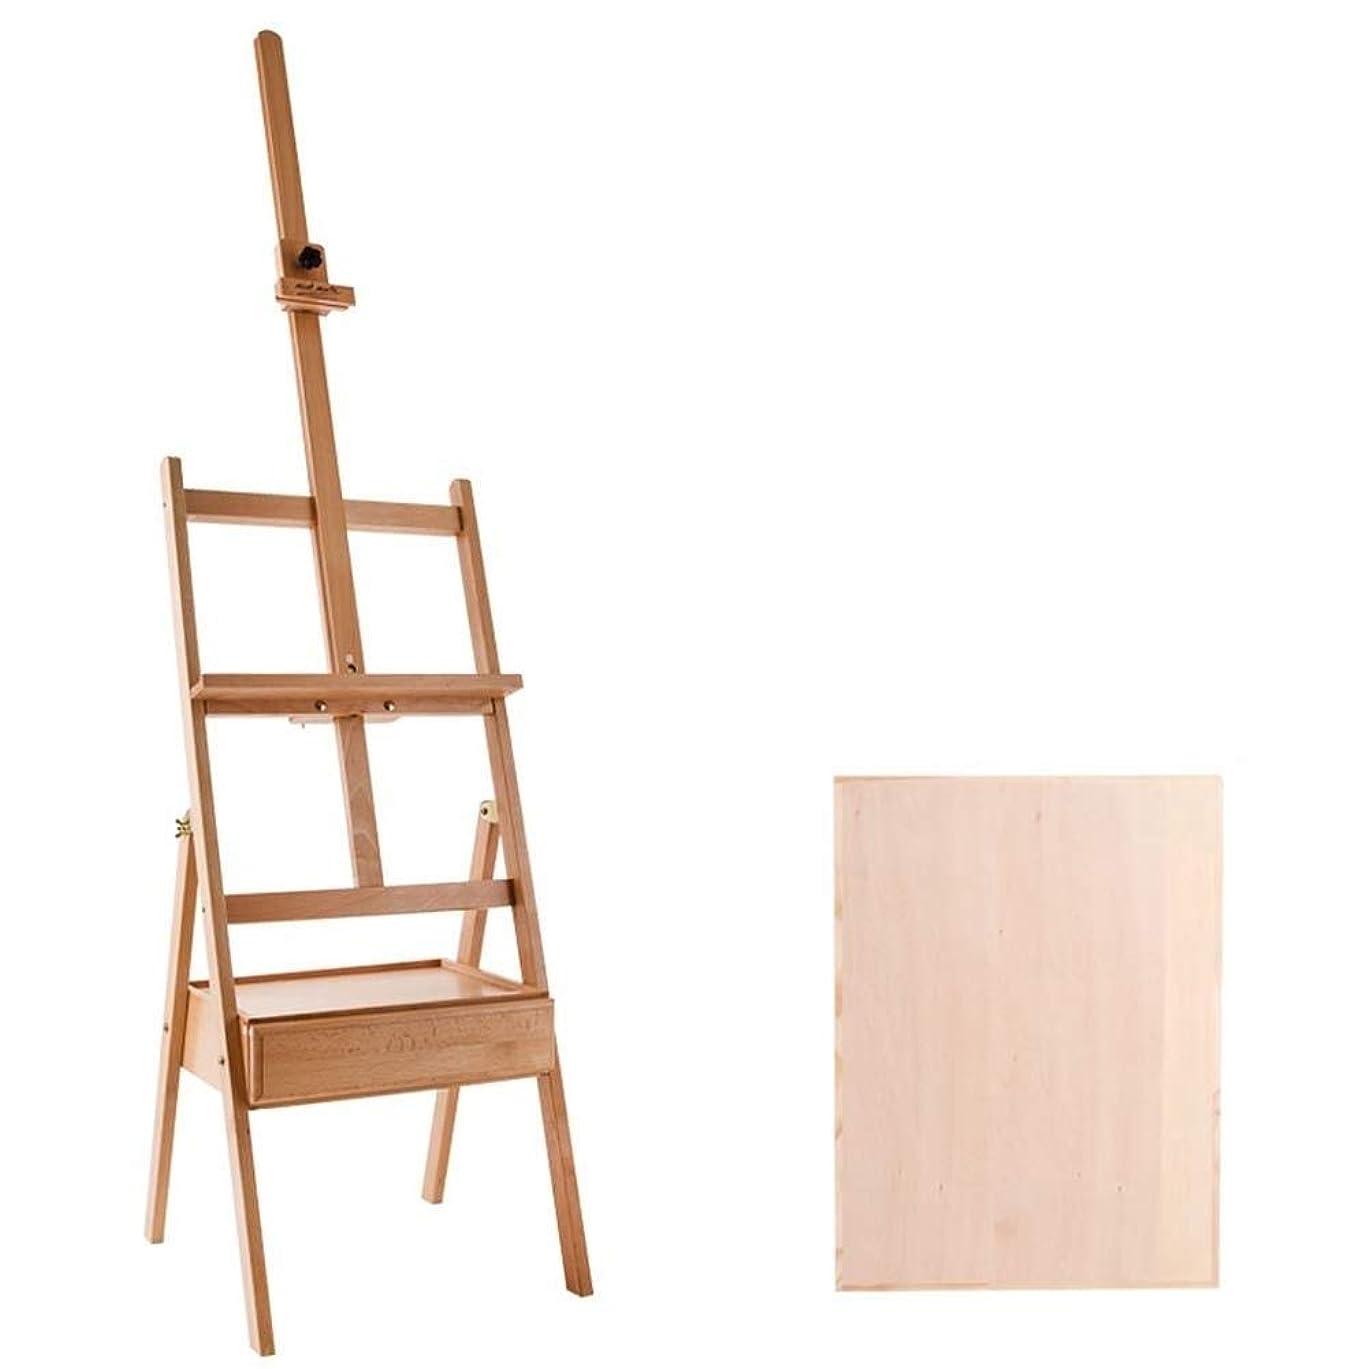 飢えたバース落ち着くGLJJQMY イーゼル、引き出し付き木製スケッチフレームセットブラケット イーゼル (Size : B)